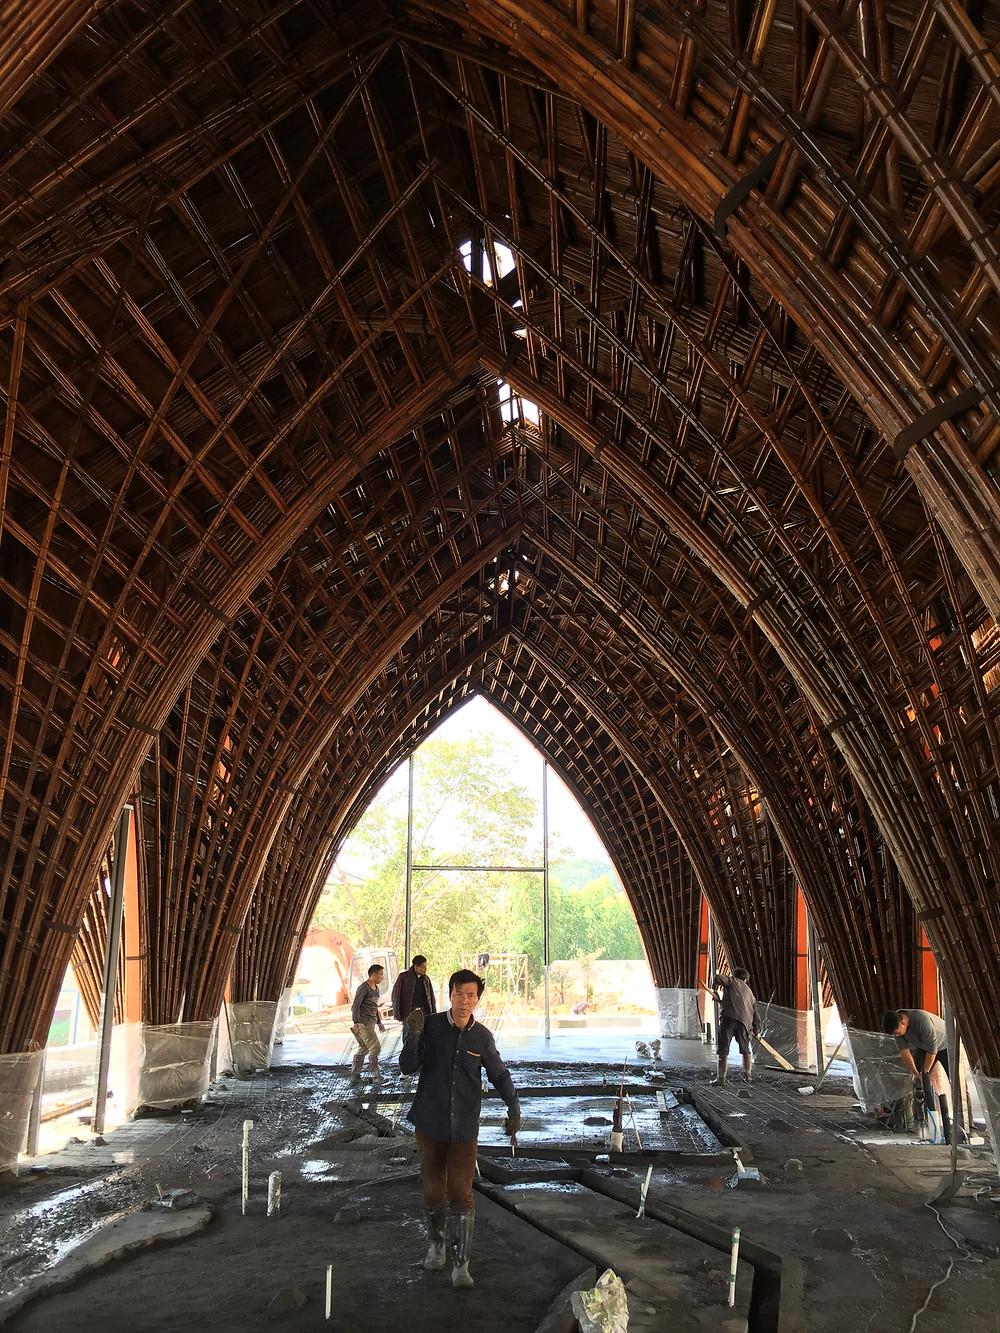 Bamboo Design & Construction | Ting Xi Bamboo Restaurant